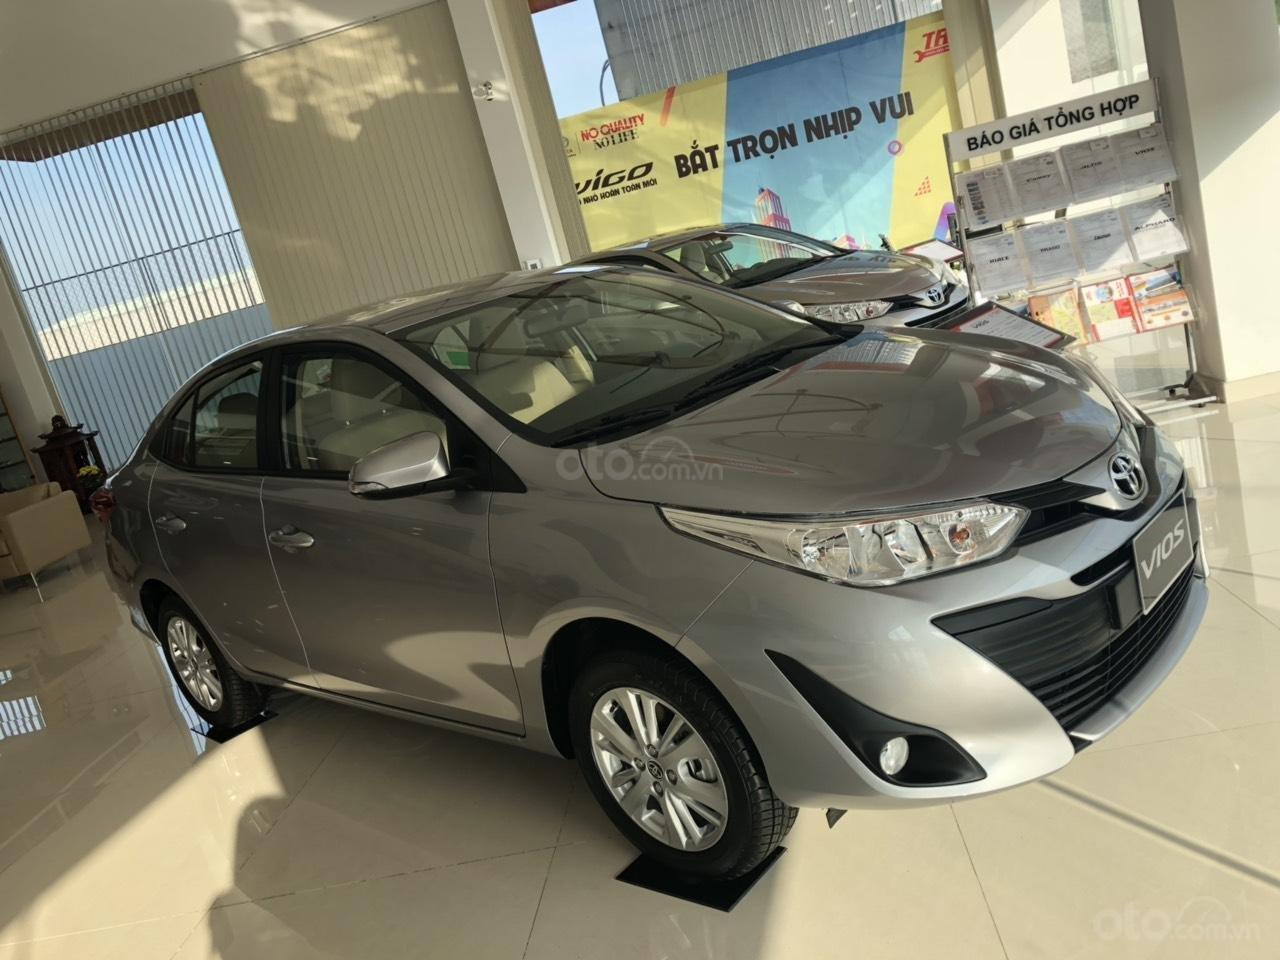 Toyota Vios 1.5E CVT đời 2019, màu bạc, hỗ trợ vay 85%, thanh toán 130tr nhận xe, lãi 0,6%/tháng-0